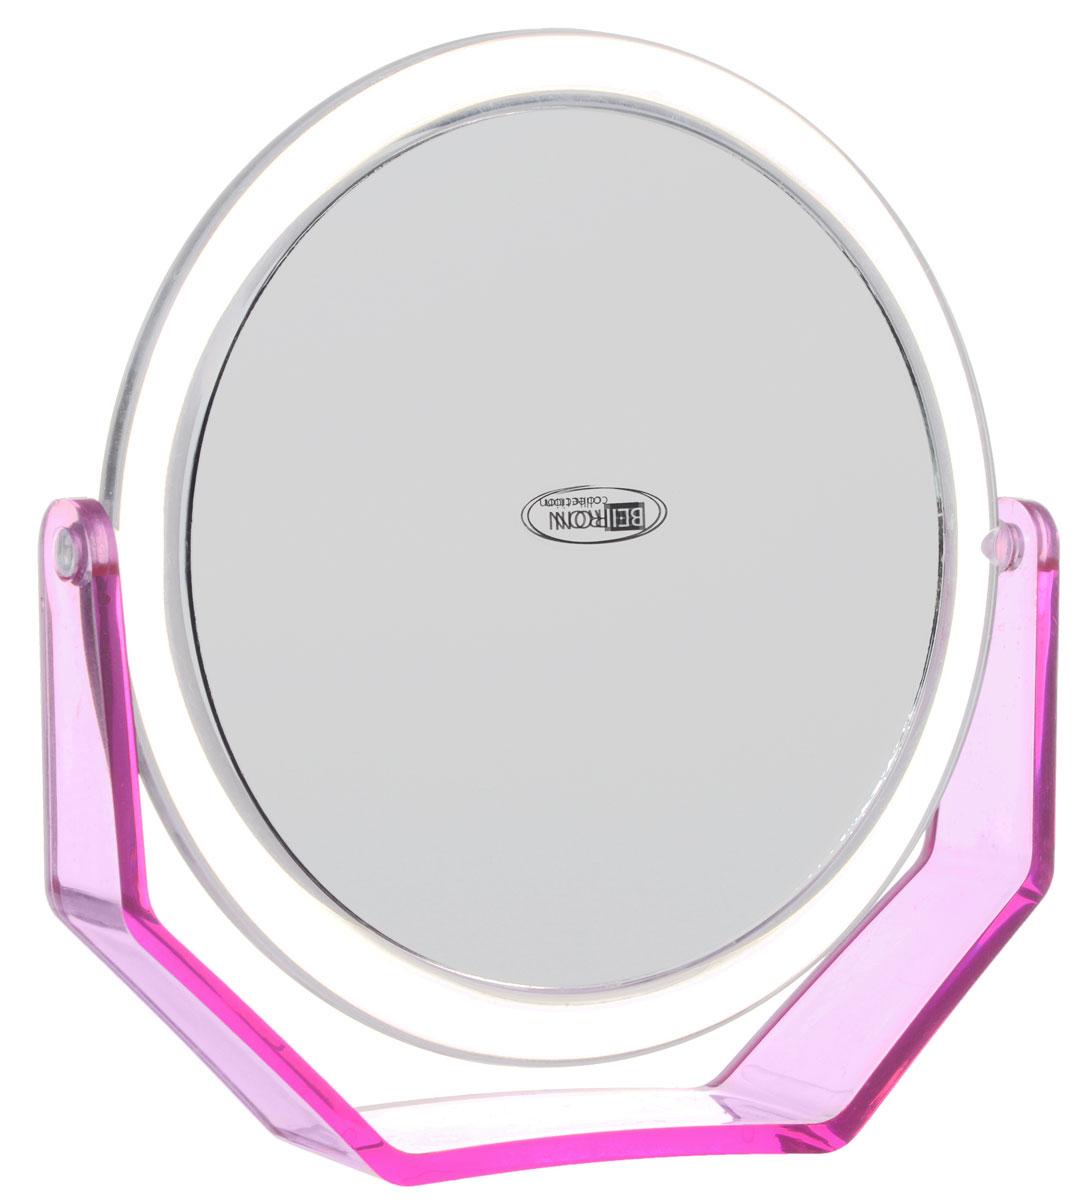 Beiron Зеркало косметическое, настольное, двустороннее, цвет: розовый. 530-11291051V15641Косметическое зеркало Beiron в пластиковой оправе идеально подходит для утреннего туалета и макияжа, где бы вы ни были. С одной стороны обычное зеркало, с другой - с 2-х кратным увеличением.